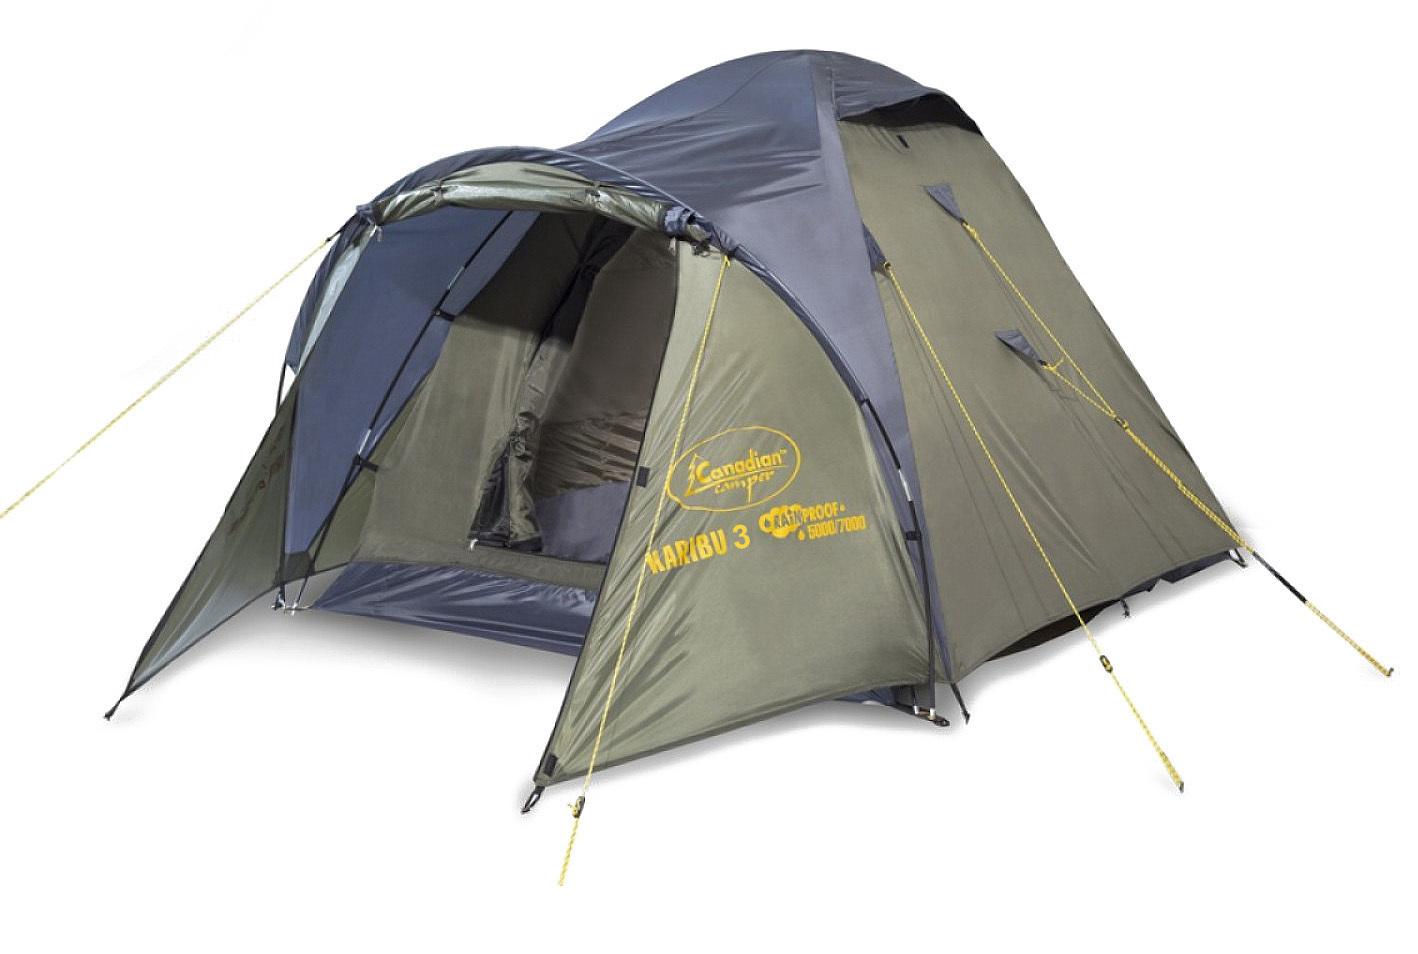 """Палатка Canadian Camper KARIBU 4 Forest кемпинговаяKARIBU - """"классика"""" туристических палаток.<br><br>Благодаря третьей дуге палатка имеет увеличенный тамбур. Два входа и большие вентиляционные отверстия обеспечат комфорт даже в летний зной, а противомоскитные сетки защитят Вас от назойливых насекомых. Палатка Karibu 4 имеет увеличенные размеры внутренней палатки, что позволяет с комфортом разместиться в ней трем взрослым и одному ребенку.<br><br>Вес кг: 5.20000000"""